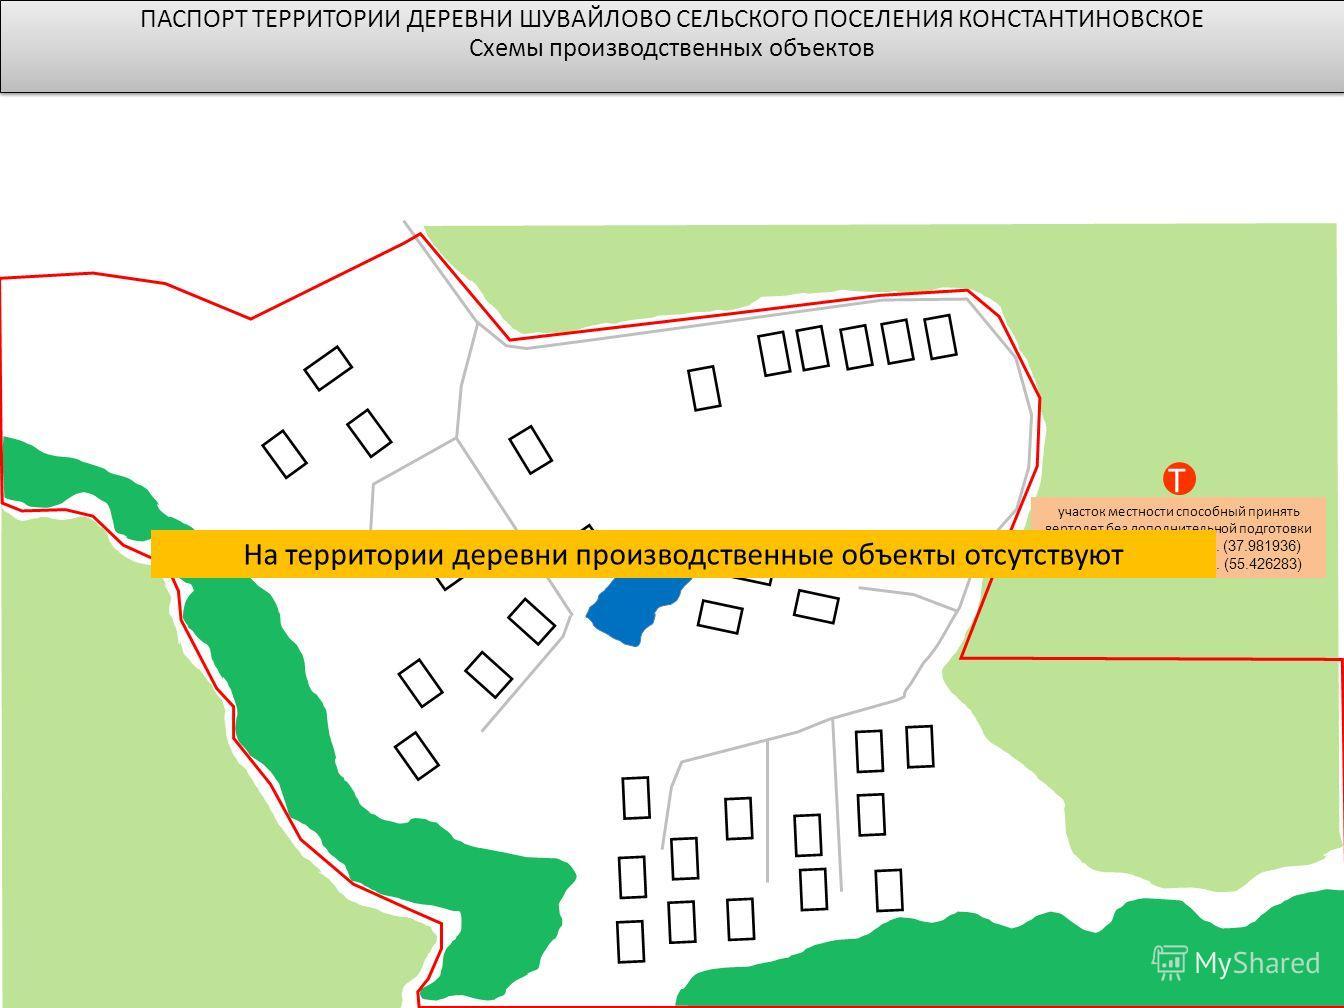 T участок местности способный принять вертолет без дополнительной подготовки Долгота: 37°5854.97 в. д. (37.981936) Широта: 55°2534.62 с. ш. (55.426283) ПАСПОРТ ТЕРРИТОРИИ ДЕРЕВНИ ШУВАЙЛОВО СЕЛЬСКОГО ПОСЕЛЕНИЯ КОНСТАНТИНОВСКОЕ Схемы производственных о